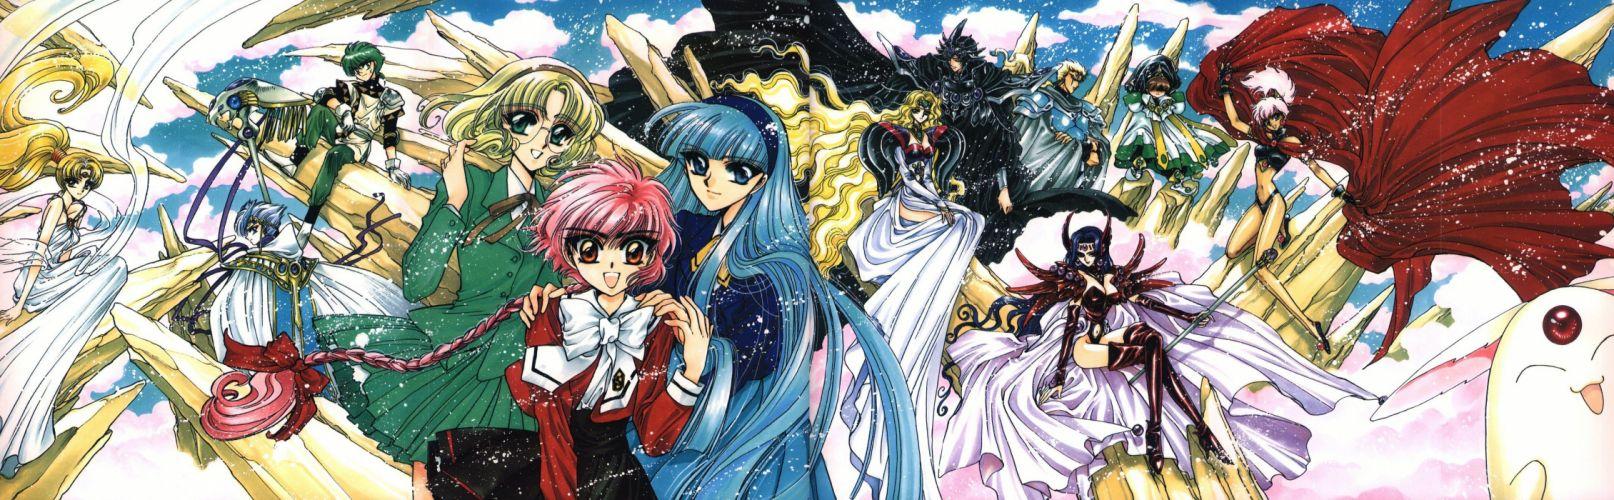 magic knight zagato collection clef illustrations wallpaper